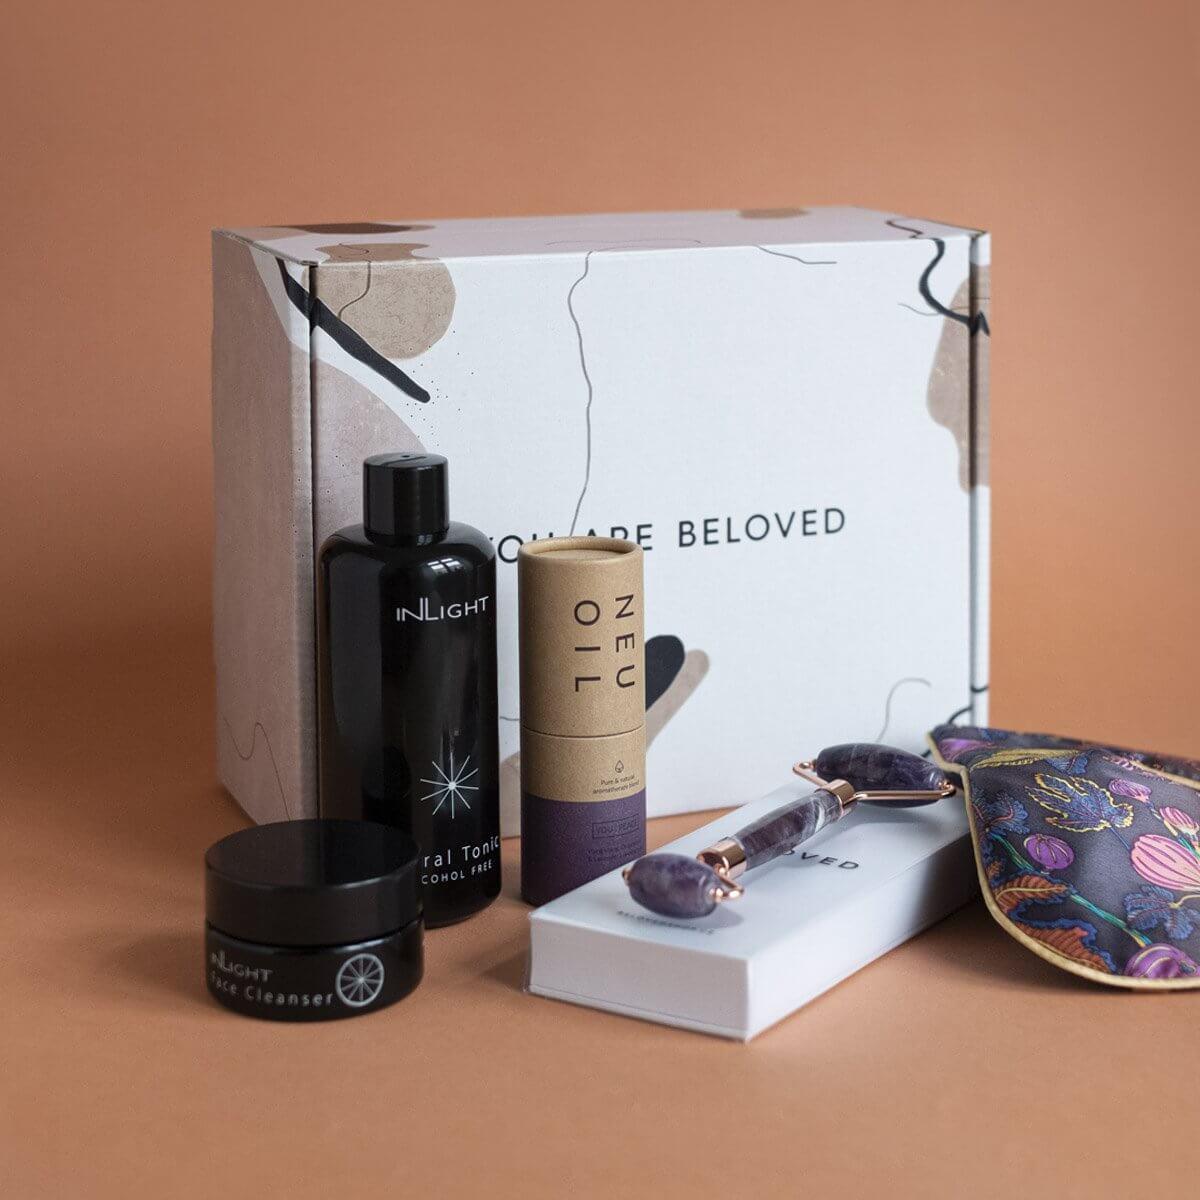 Produits cosmétiques de Beloved Shop devant leur boîte d'emballage